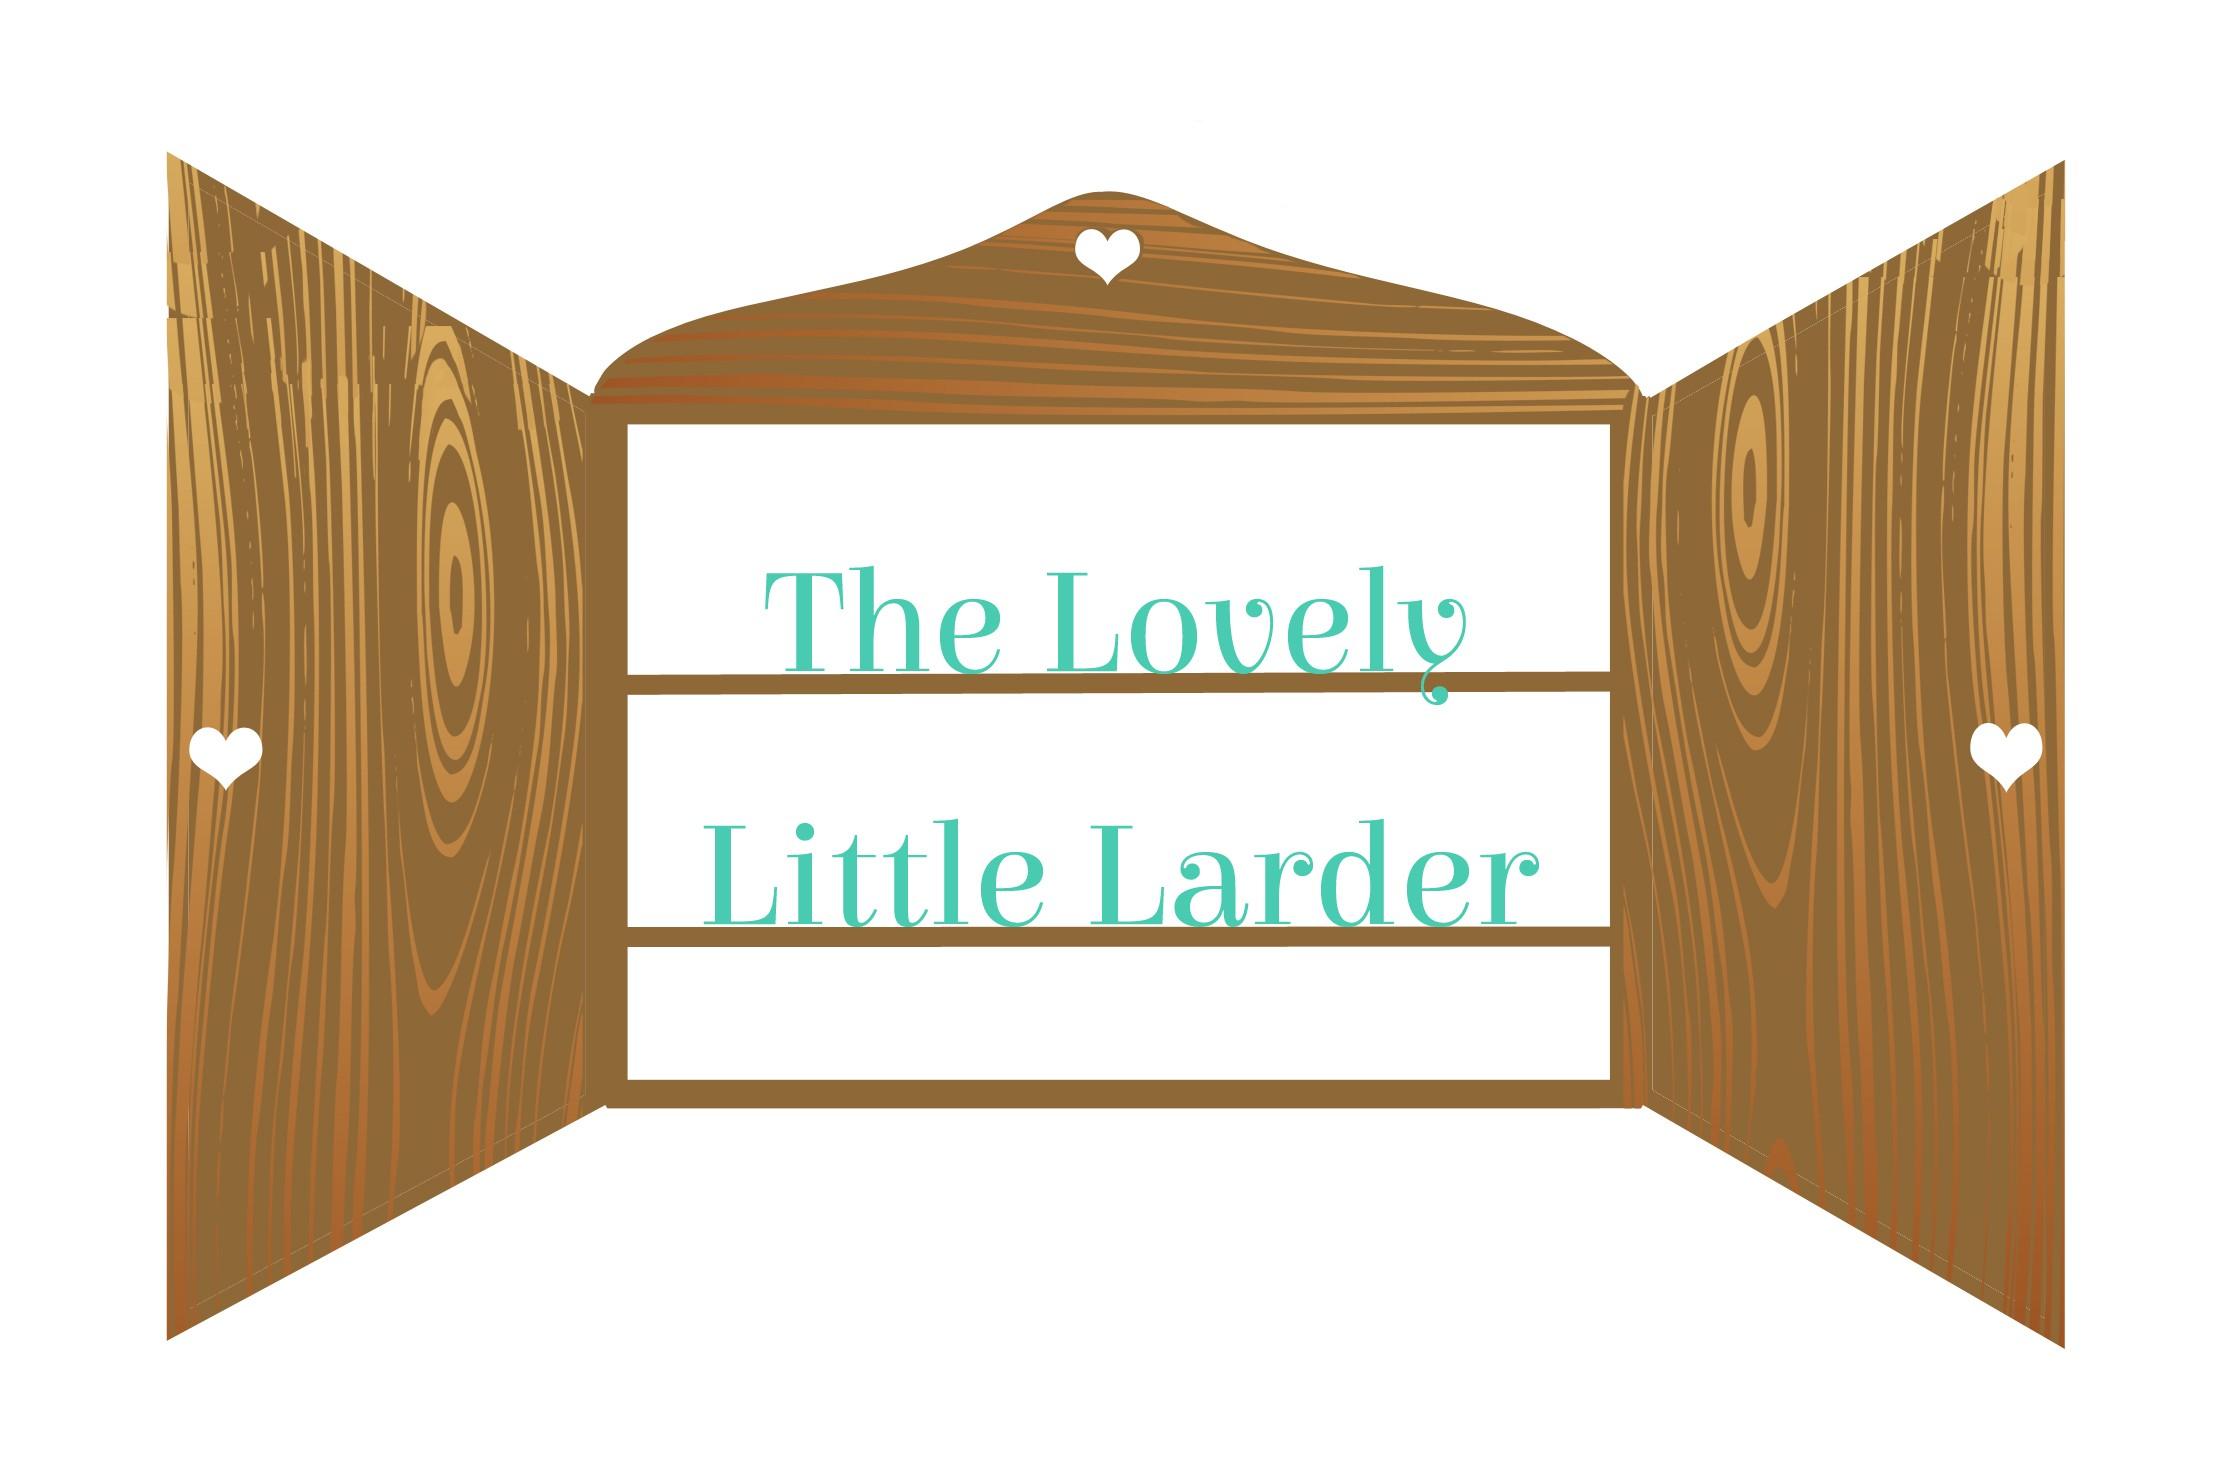 The Lovely Little Larder